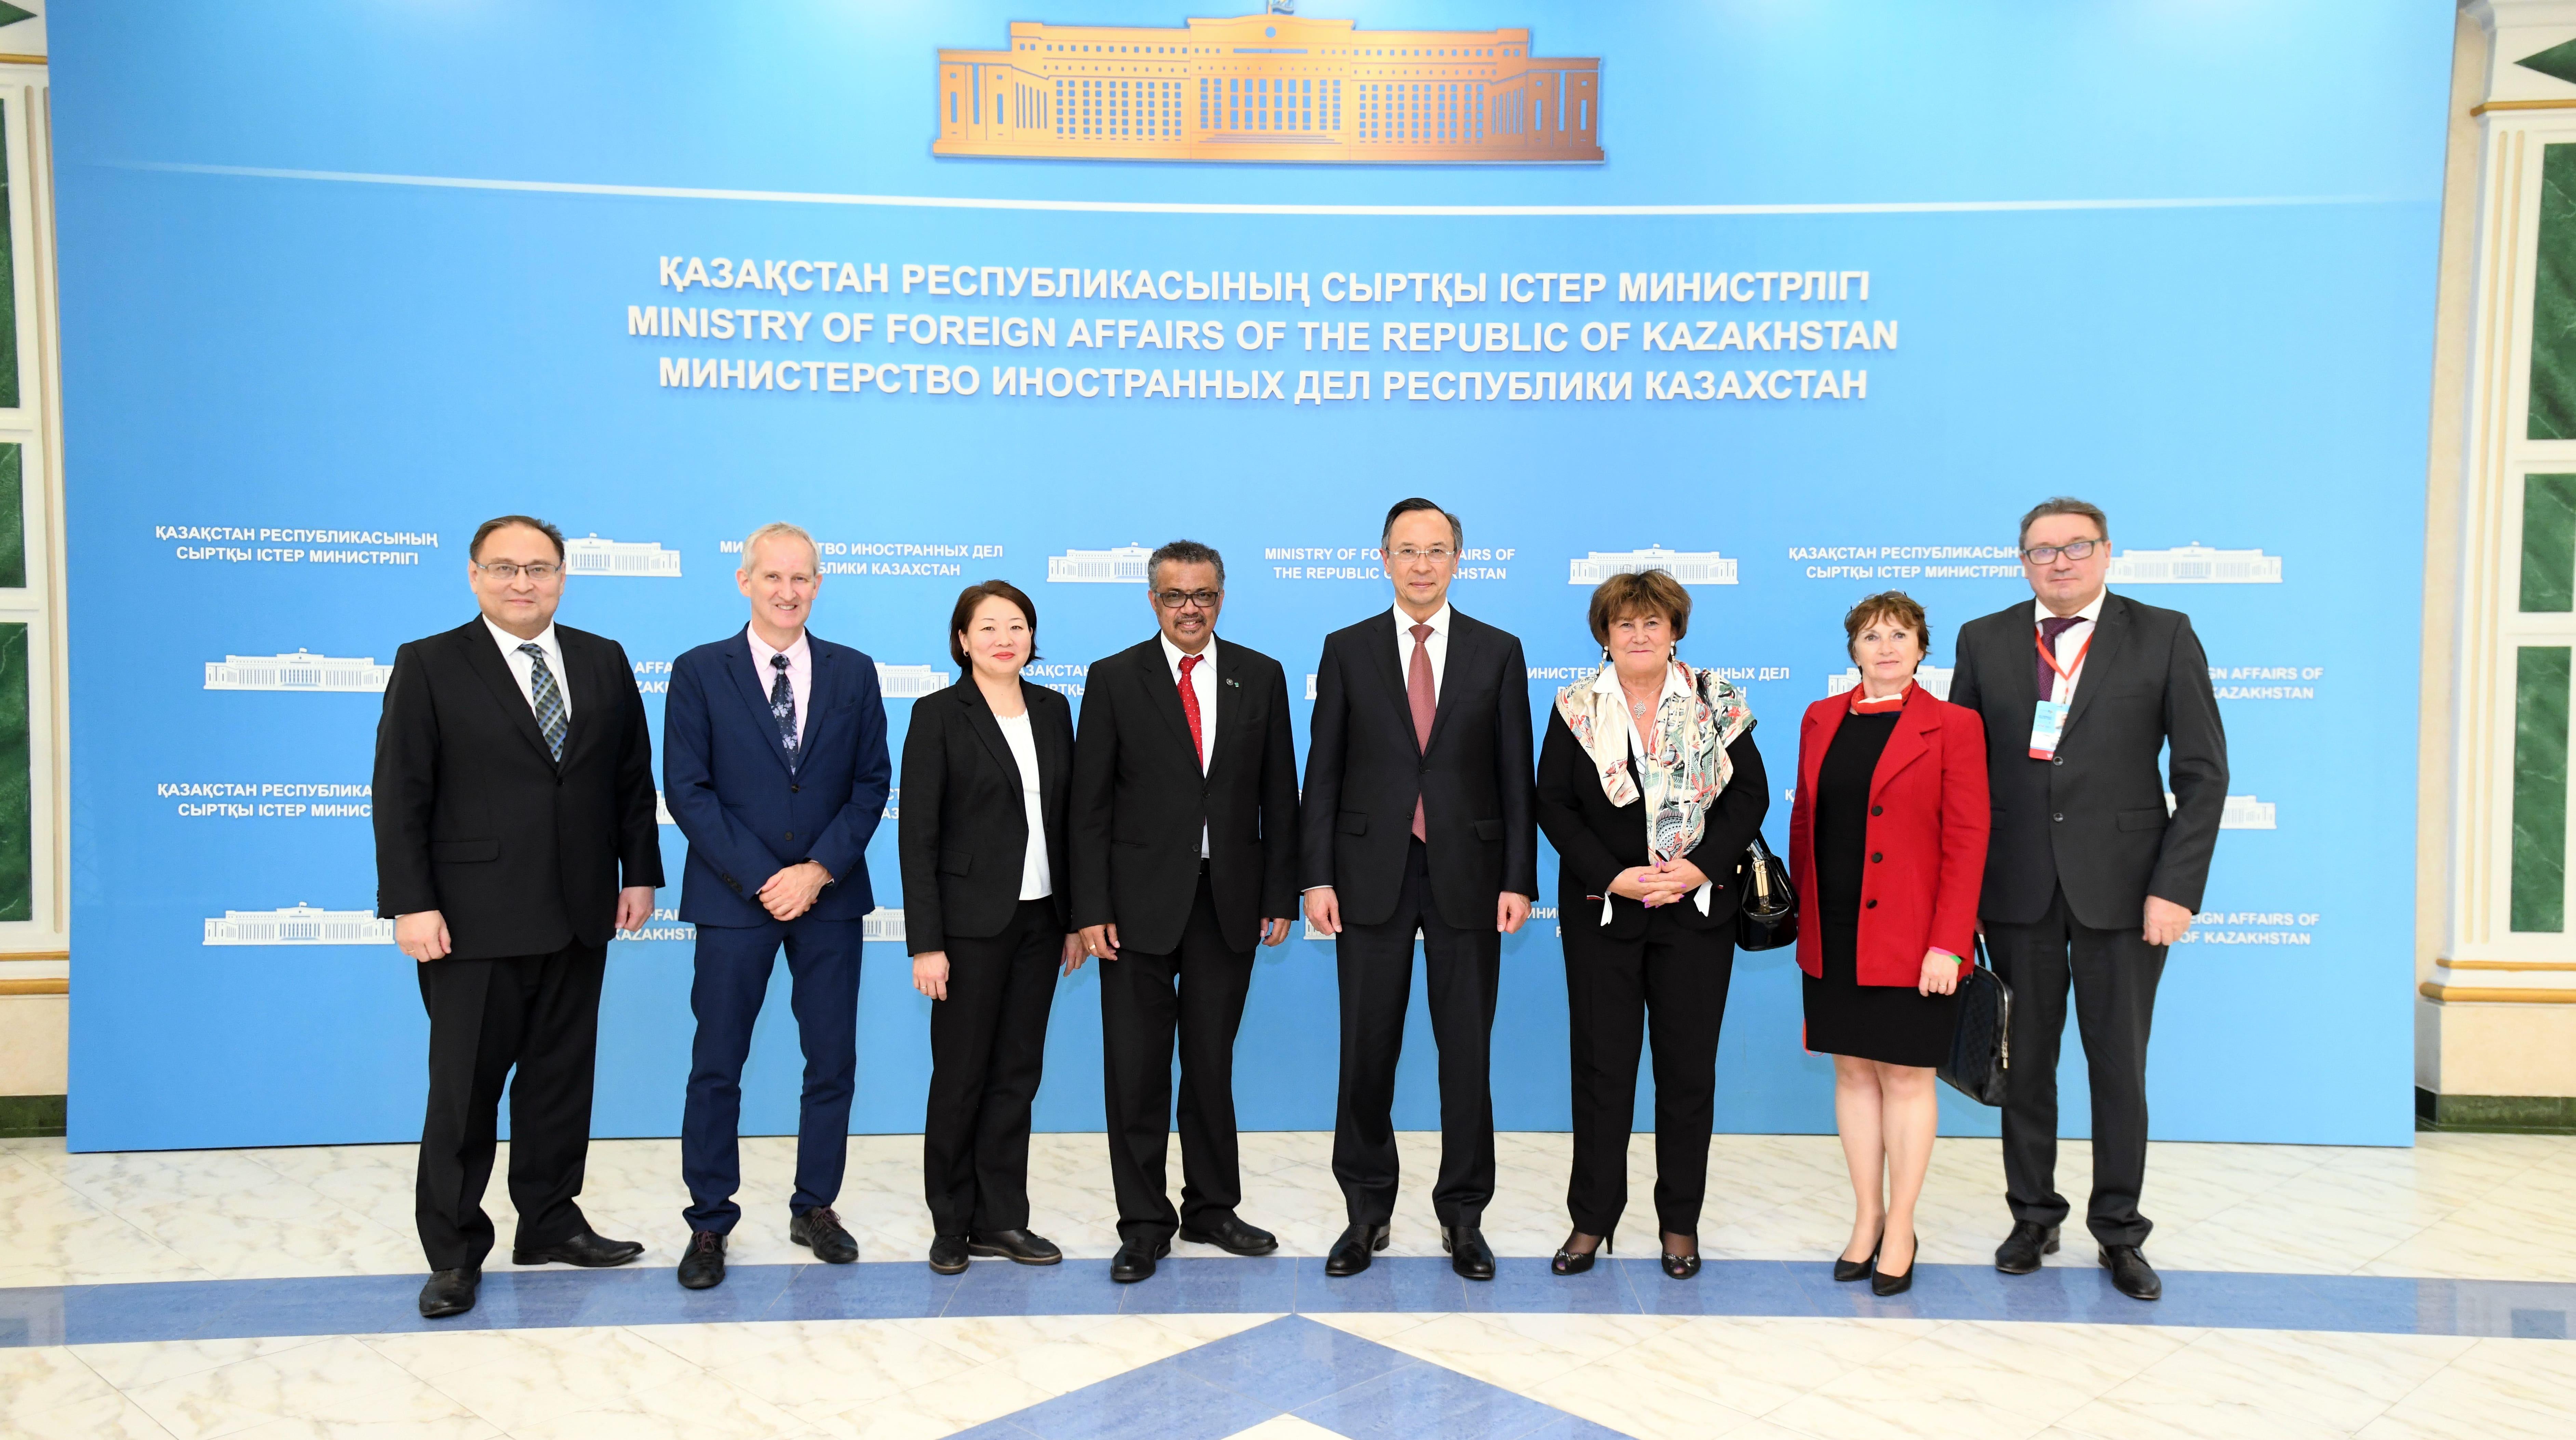 Астанинская декларация ВОЗ может послужить основой для резолюции Всемирной ассамблеи здравоохранения в Женеве